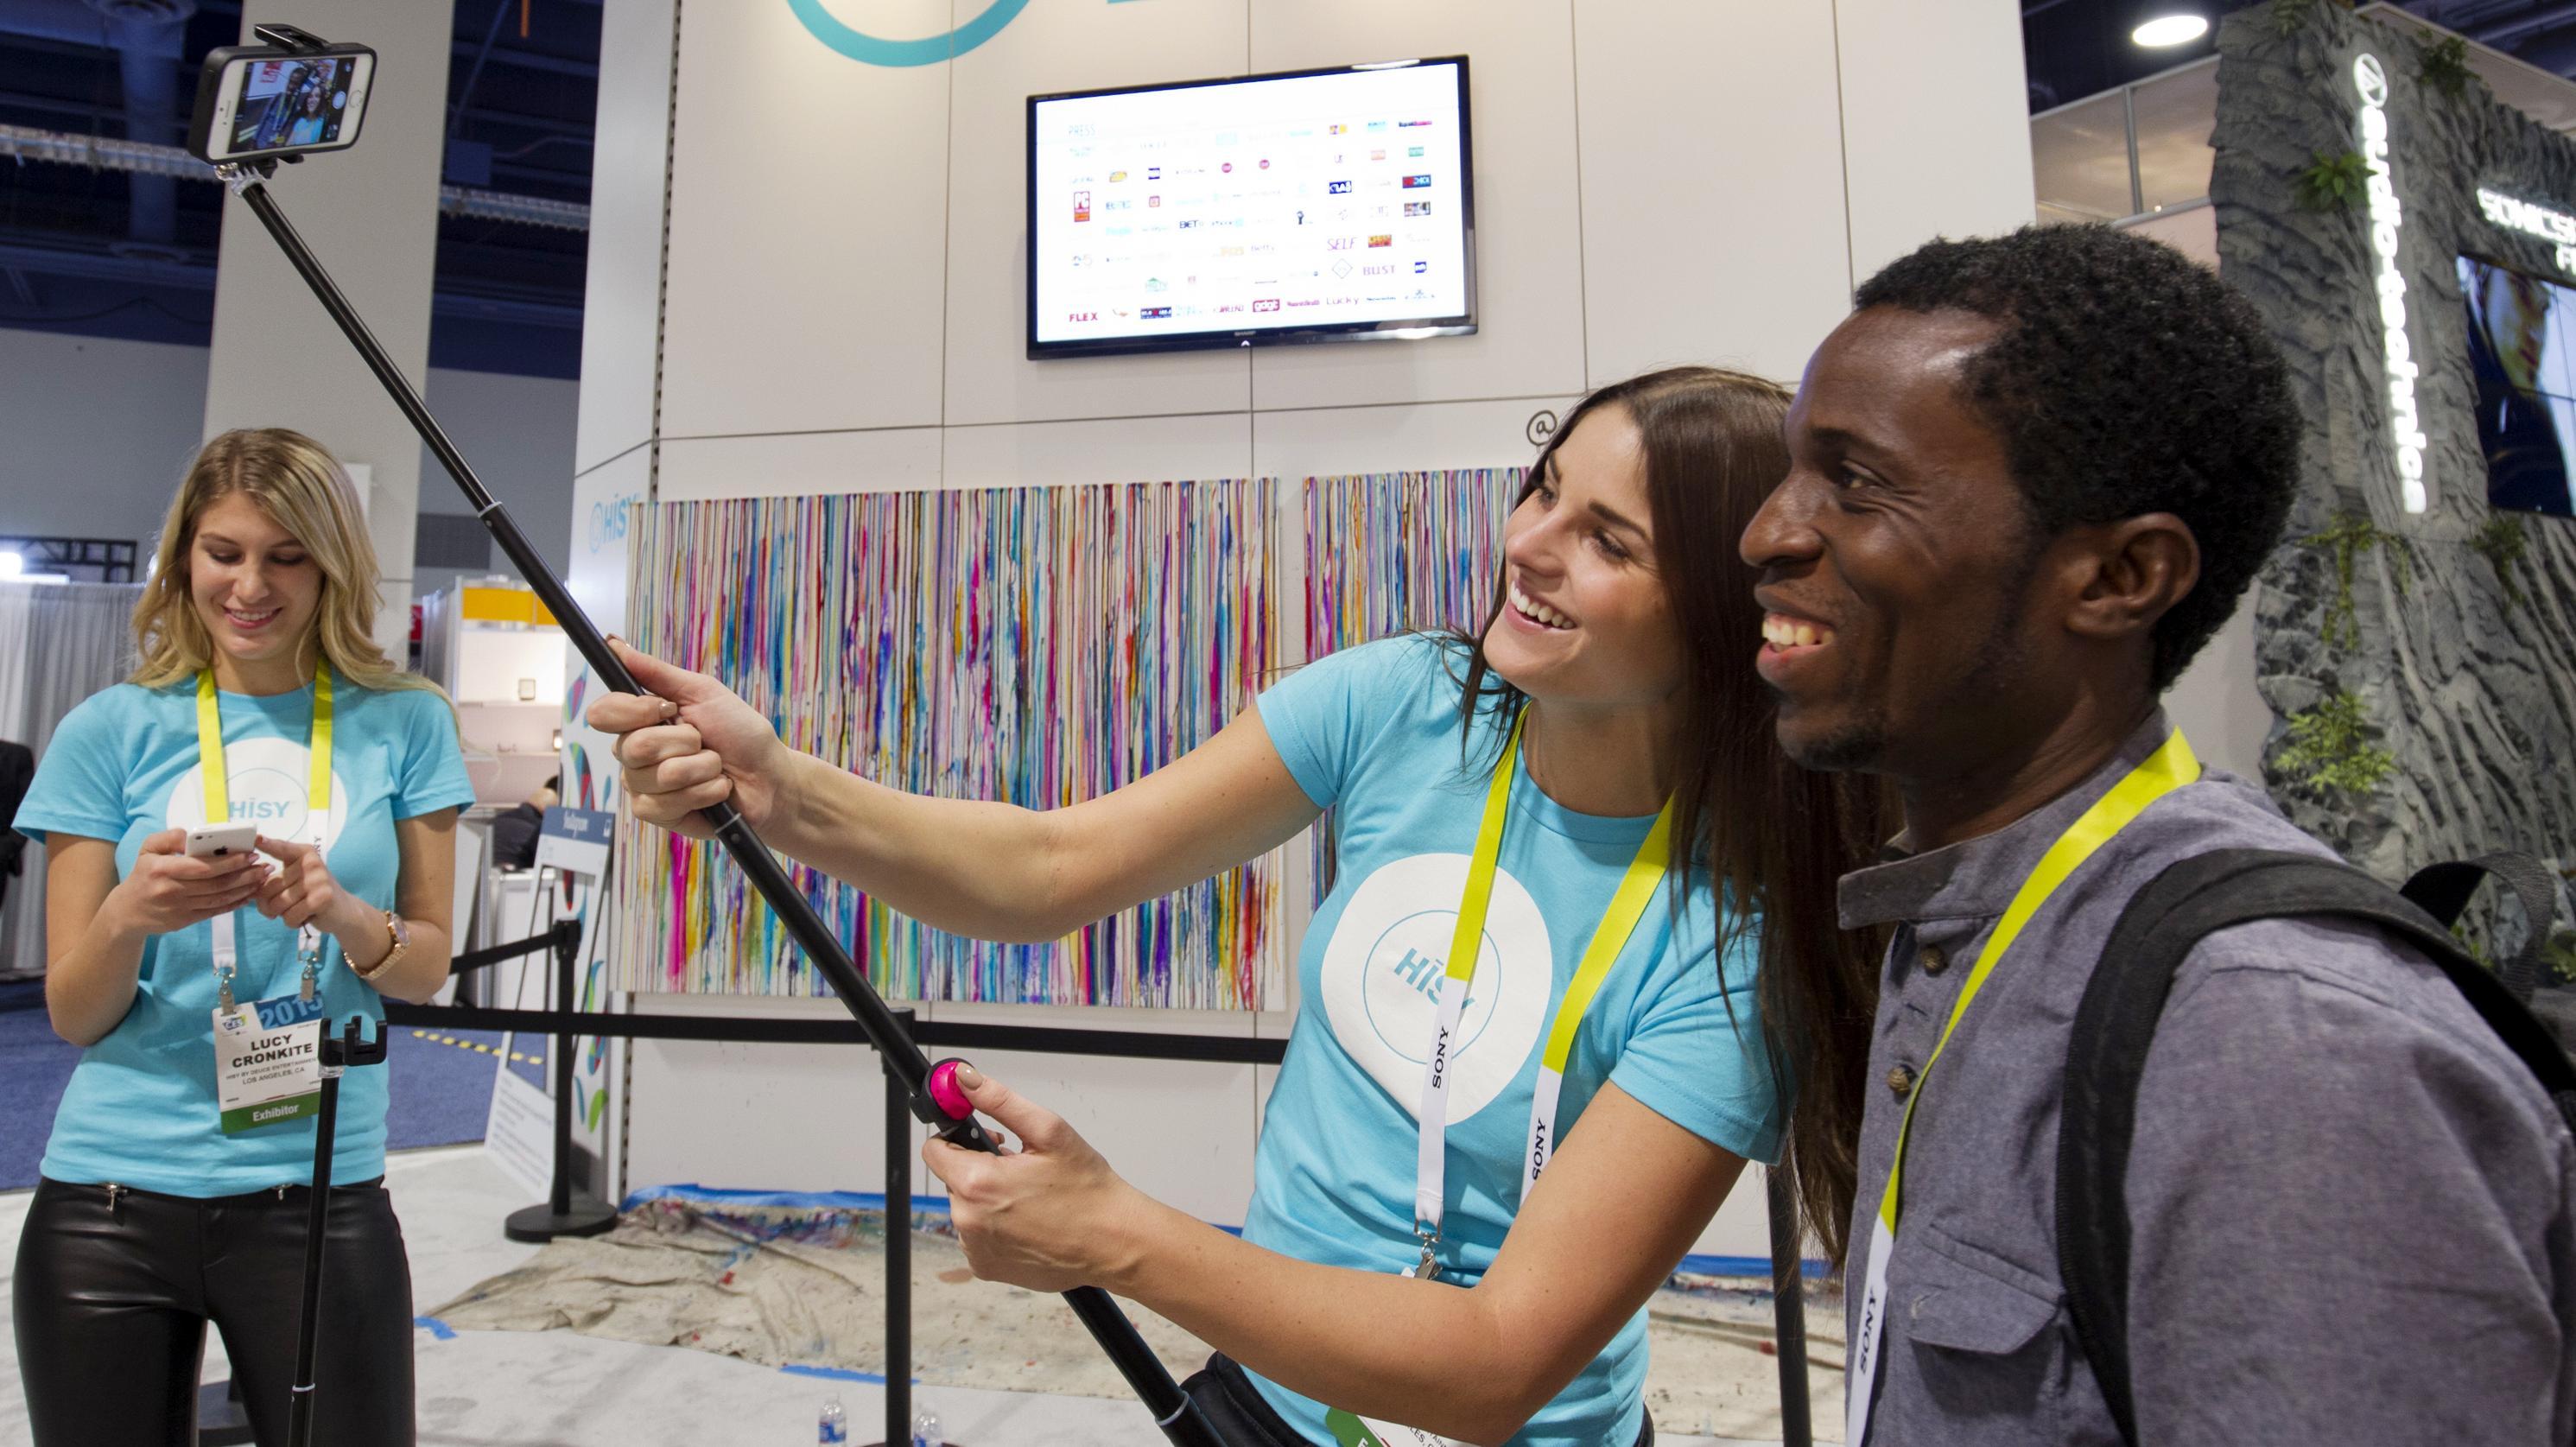 selfie sticks h rger gadgetmesse men forbydes til fodboldkampe viden dr. Black Bedroom Furniture Sets. Home Design Ideas